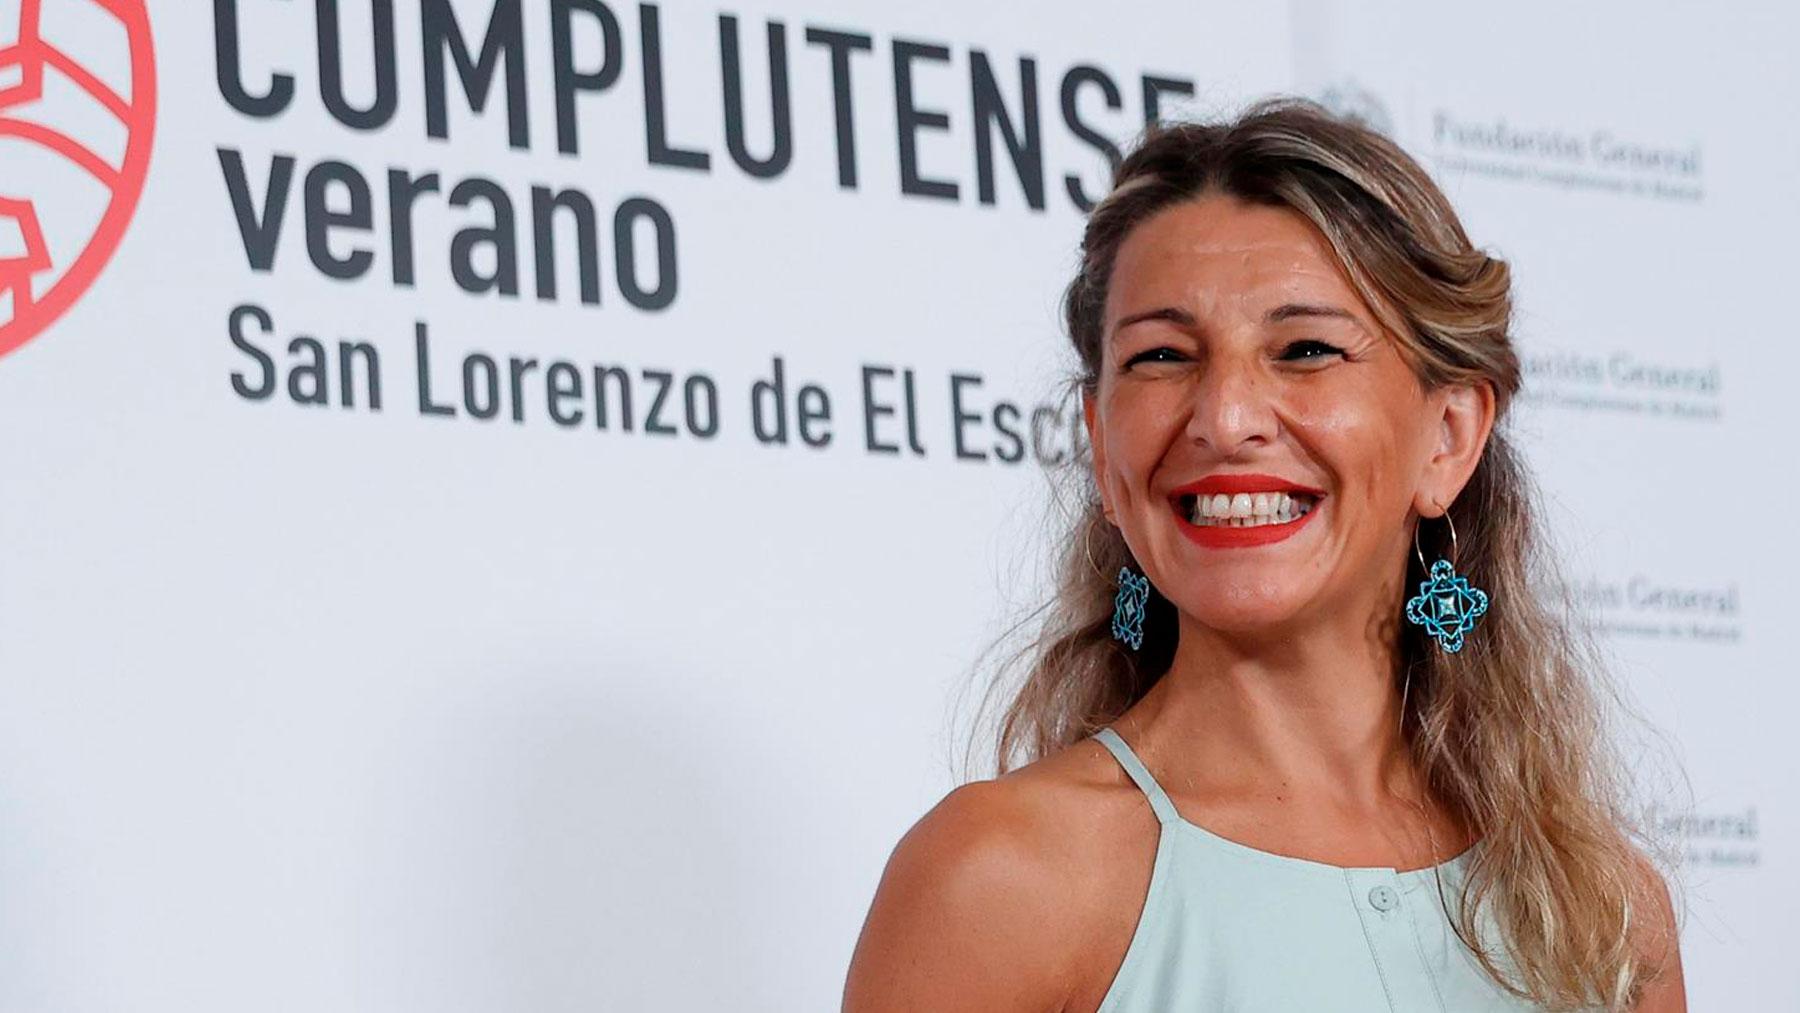 La ministra de Trabajo, Yolanda Díaz. Foto: EFE